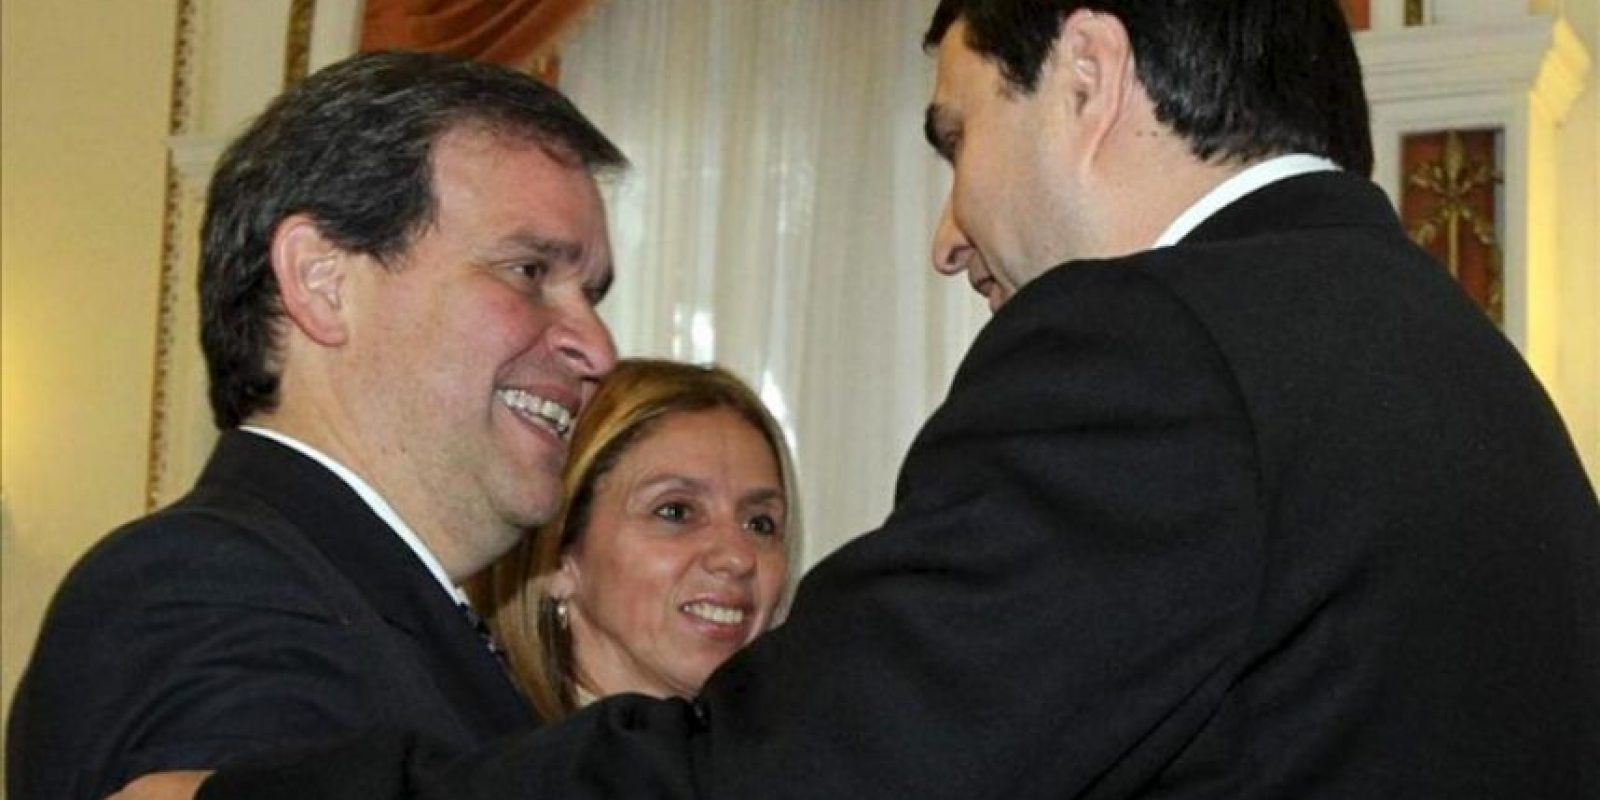 El nuevo presidente paraguayo, Federico Franco (d), saluda al economista Manuel Ferreira Brusquetti (i) tras su juramento como nuevo ministro de Hacienda en Asunción. EFE